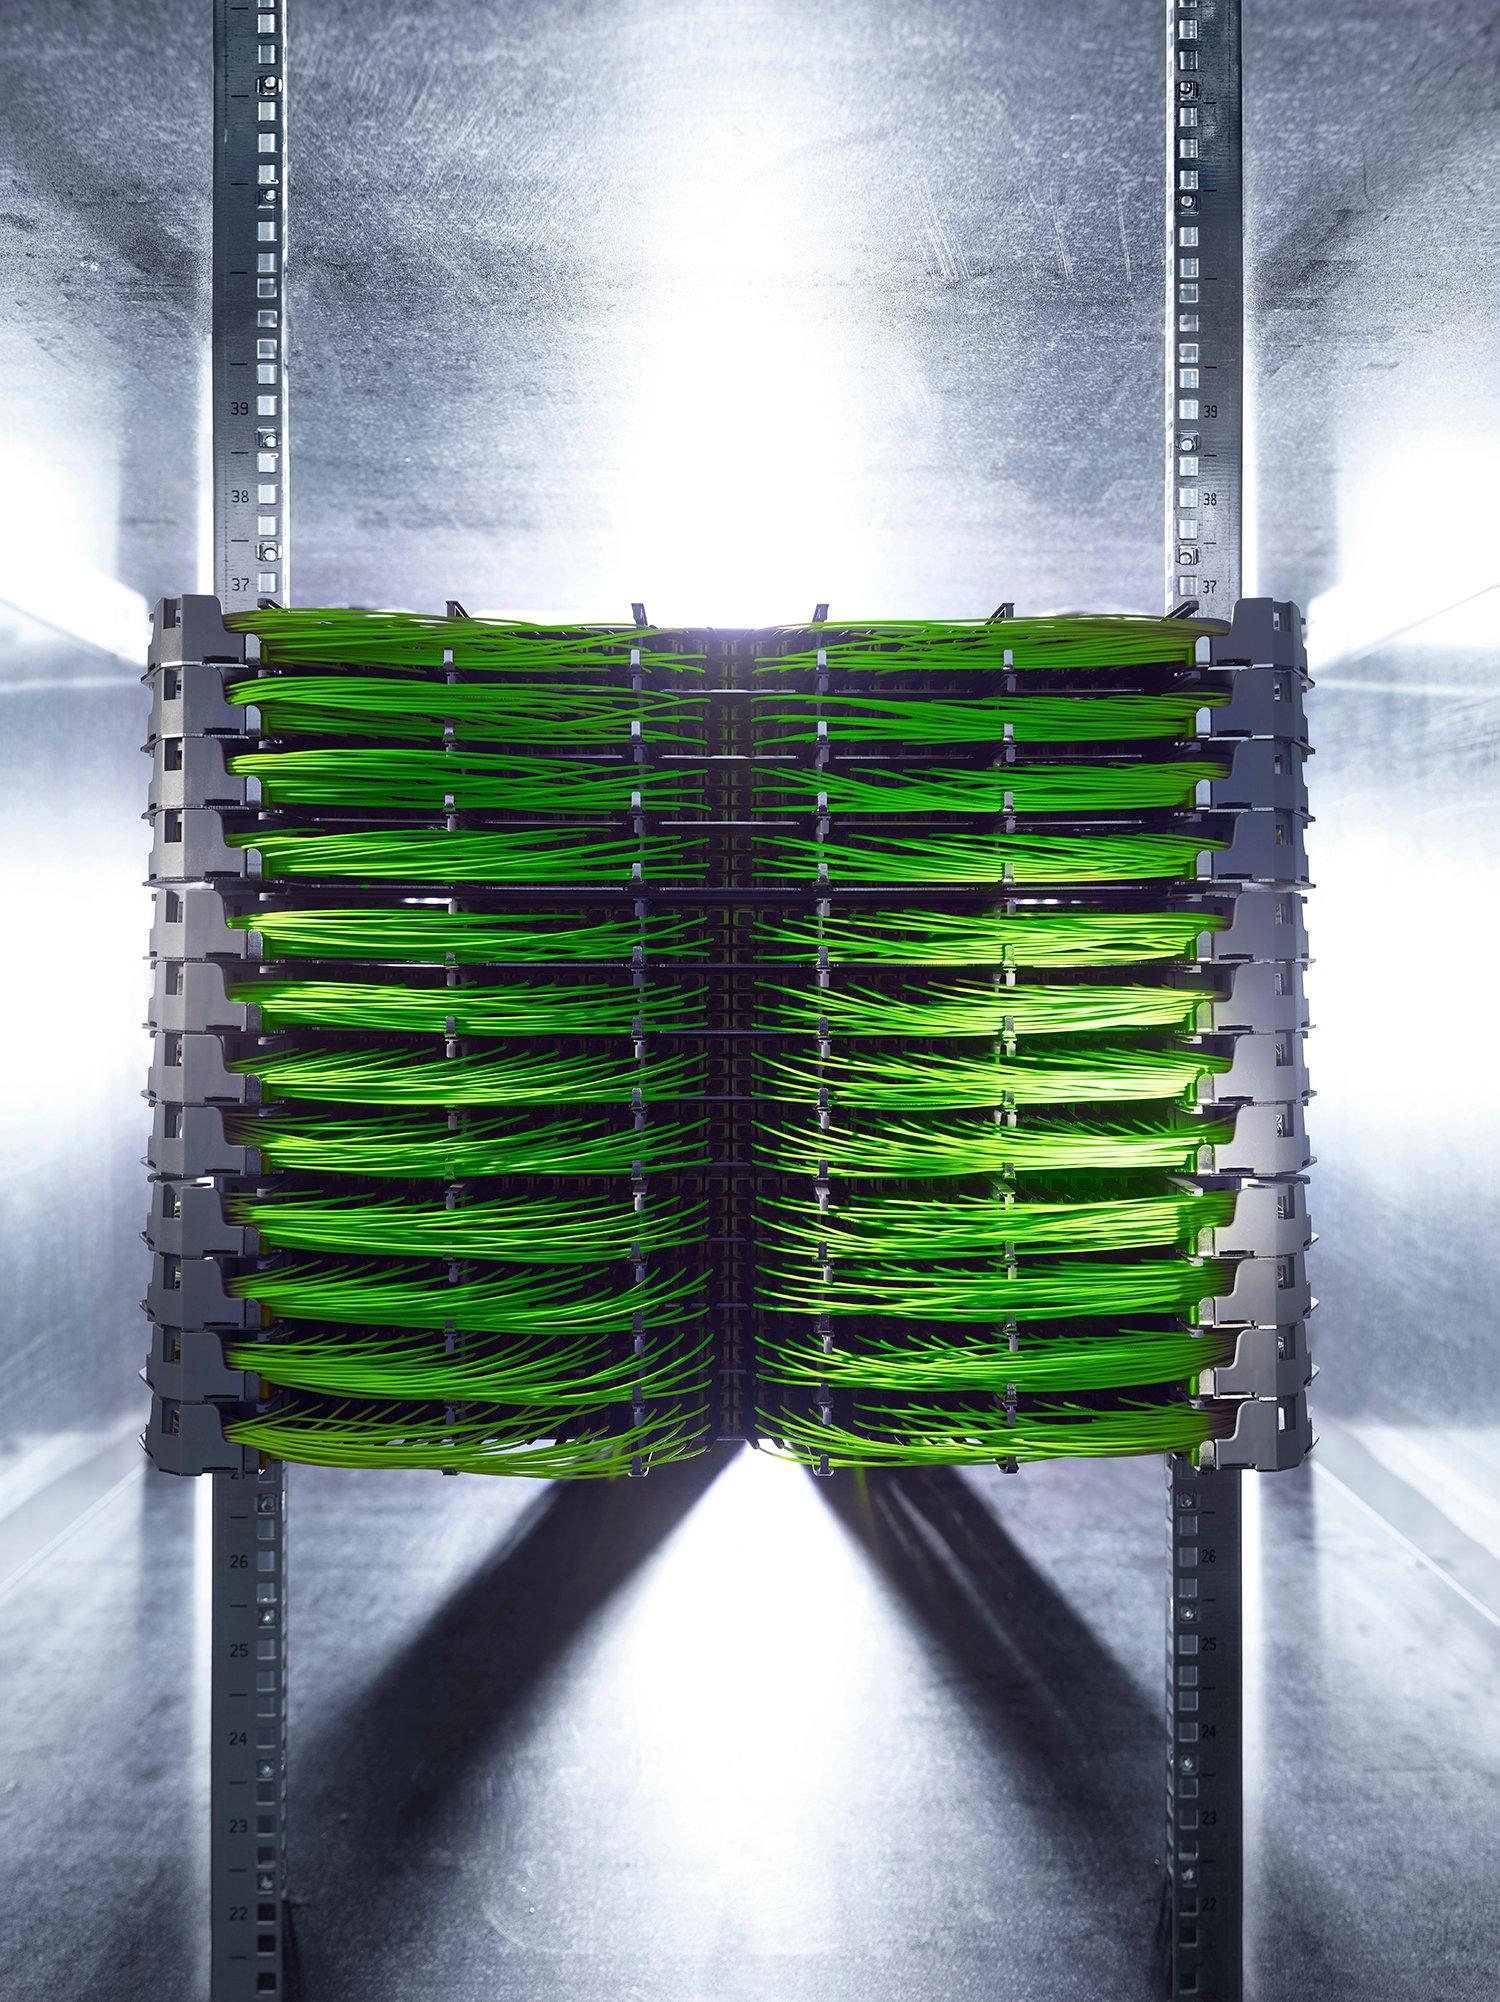 OM5-Lösung für die Netzwerktransformation als Antwort auf den steigenden Bandbreitenbedarf